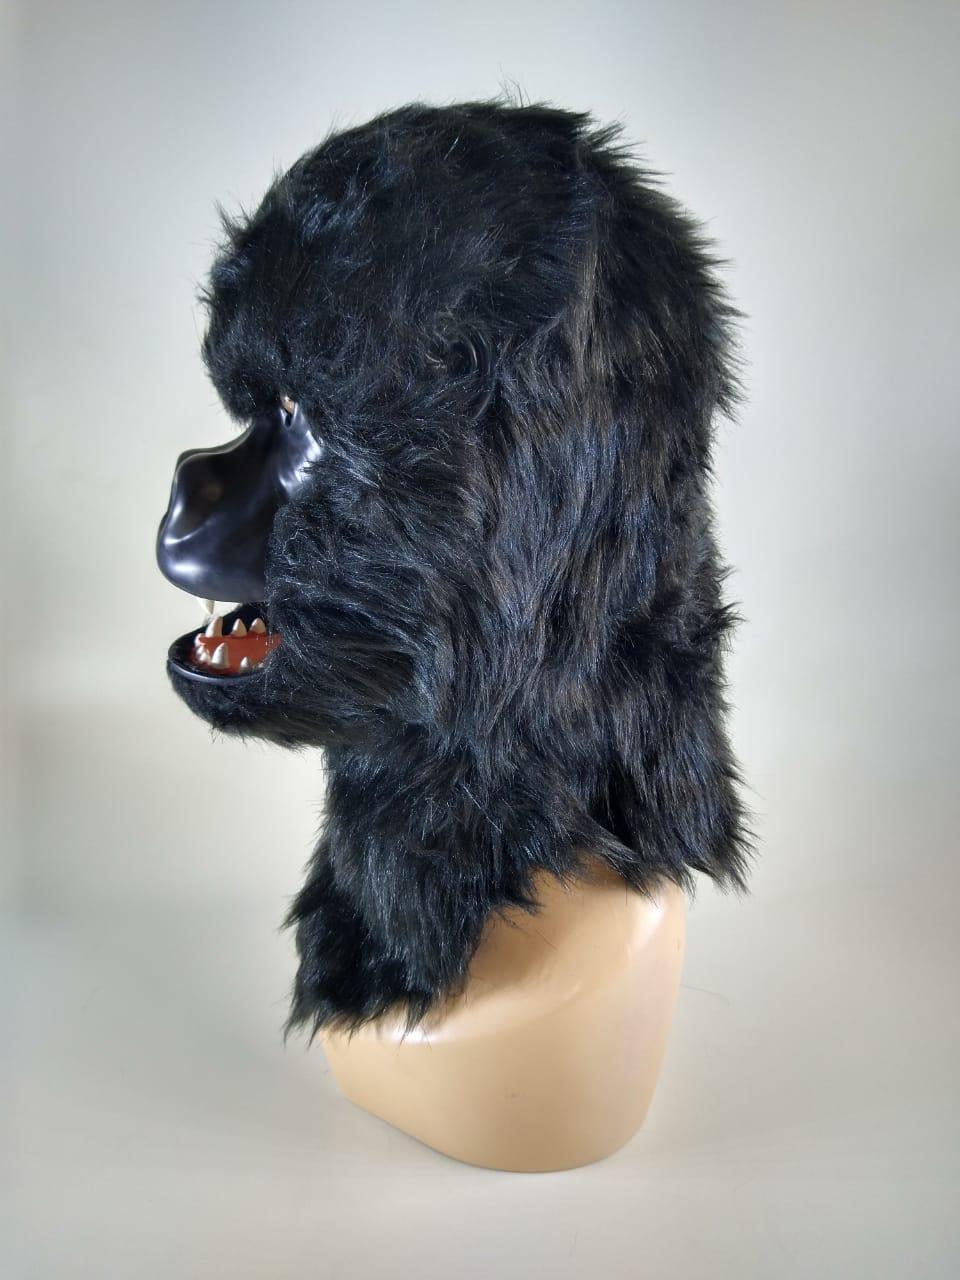 Máscara Gorila Articulada